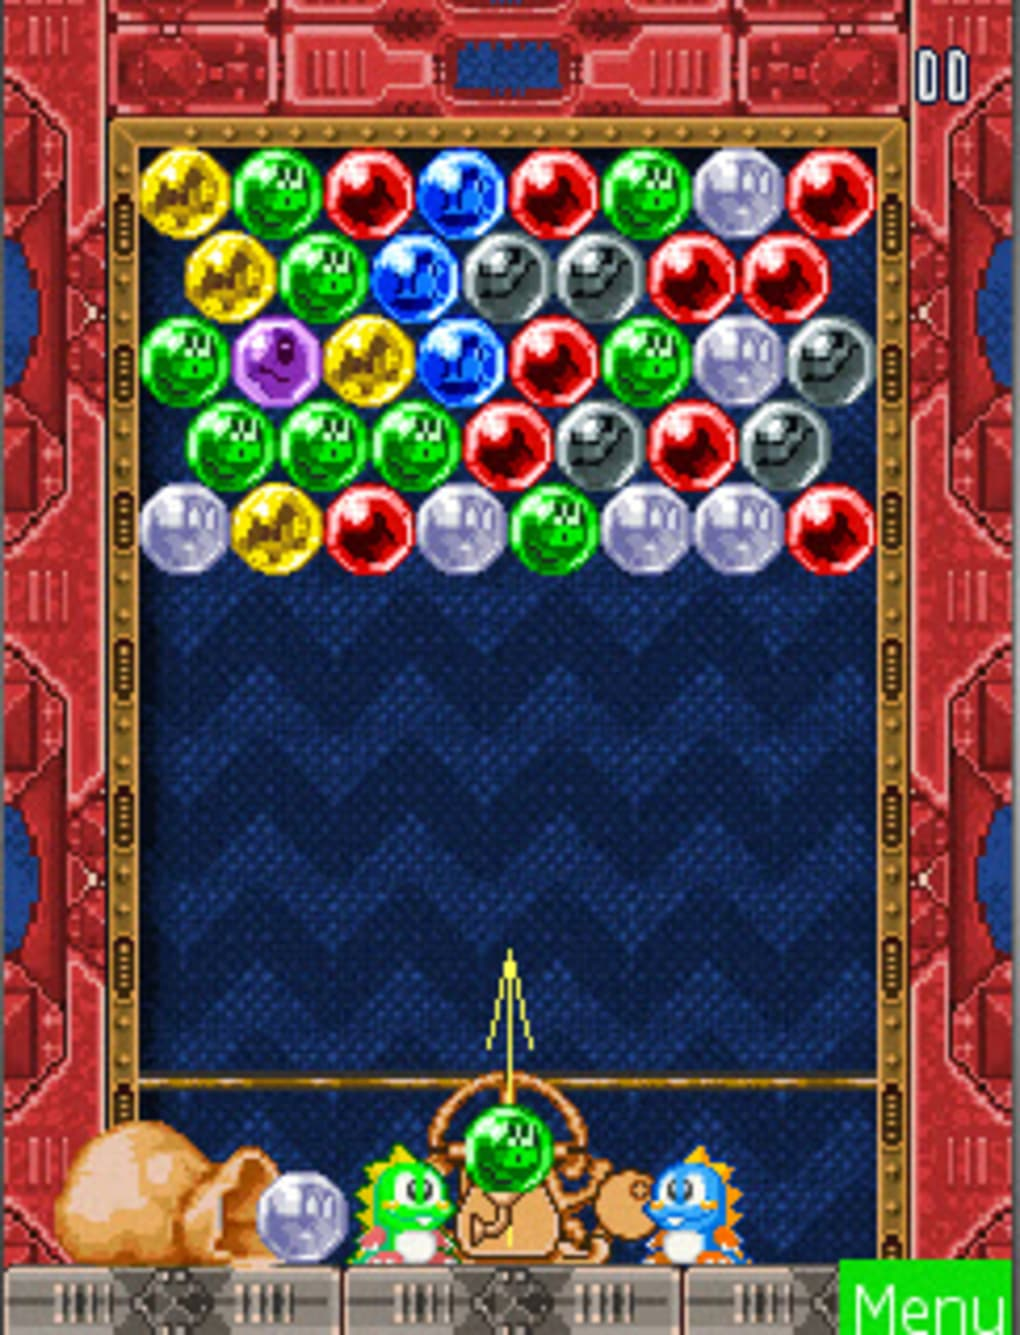 gioco gratis bubble bobble